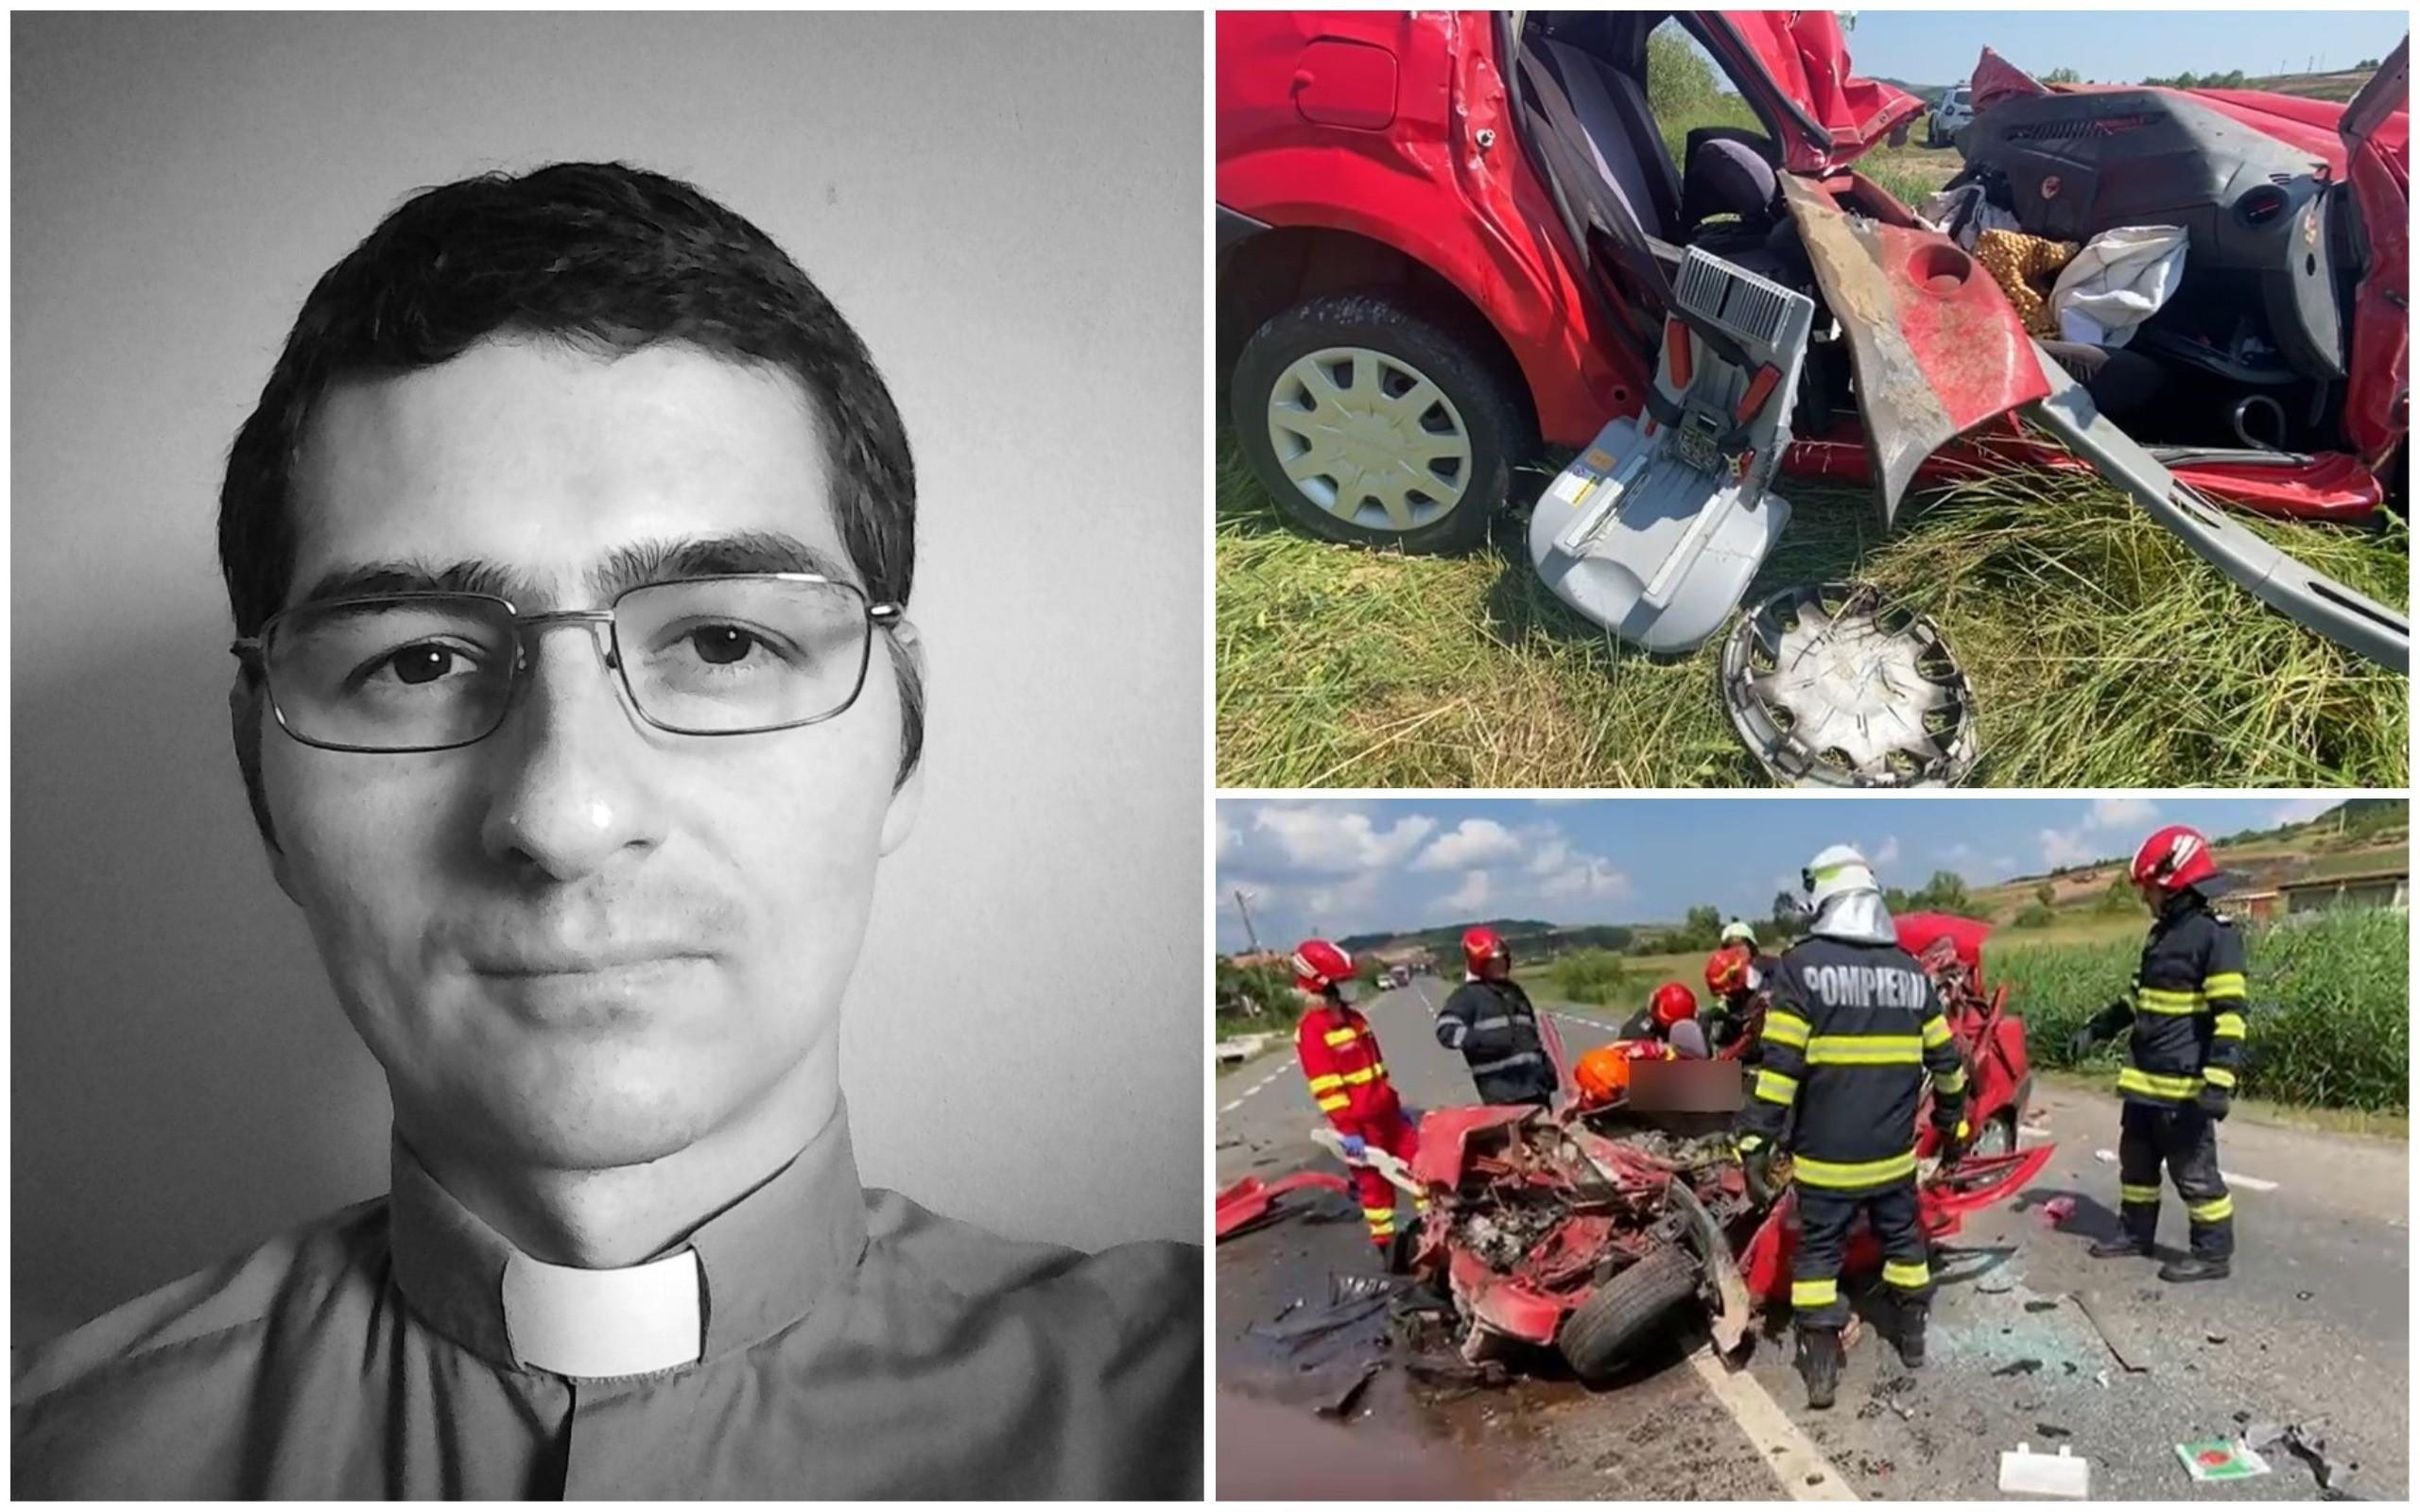 Un preot din Sălaj se afla la volanul Loganului spulberat de TIR, la Cluj. Cristian a murit pe loc, în vreme ce soția lui este în comă indusă